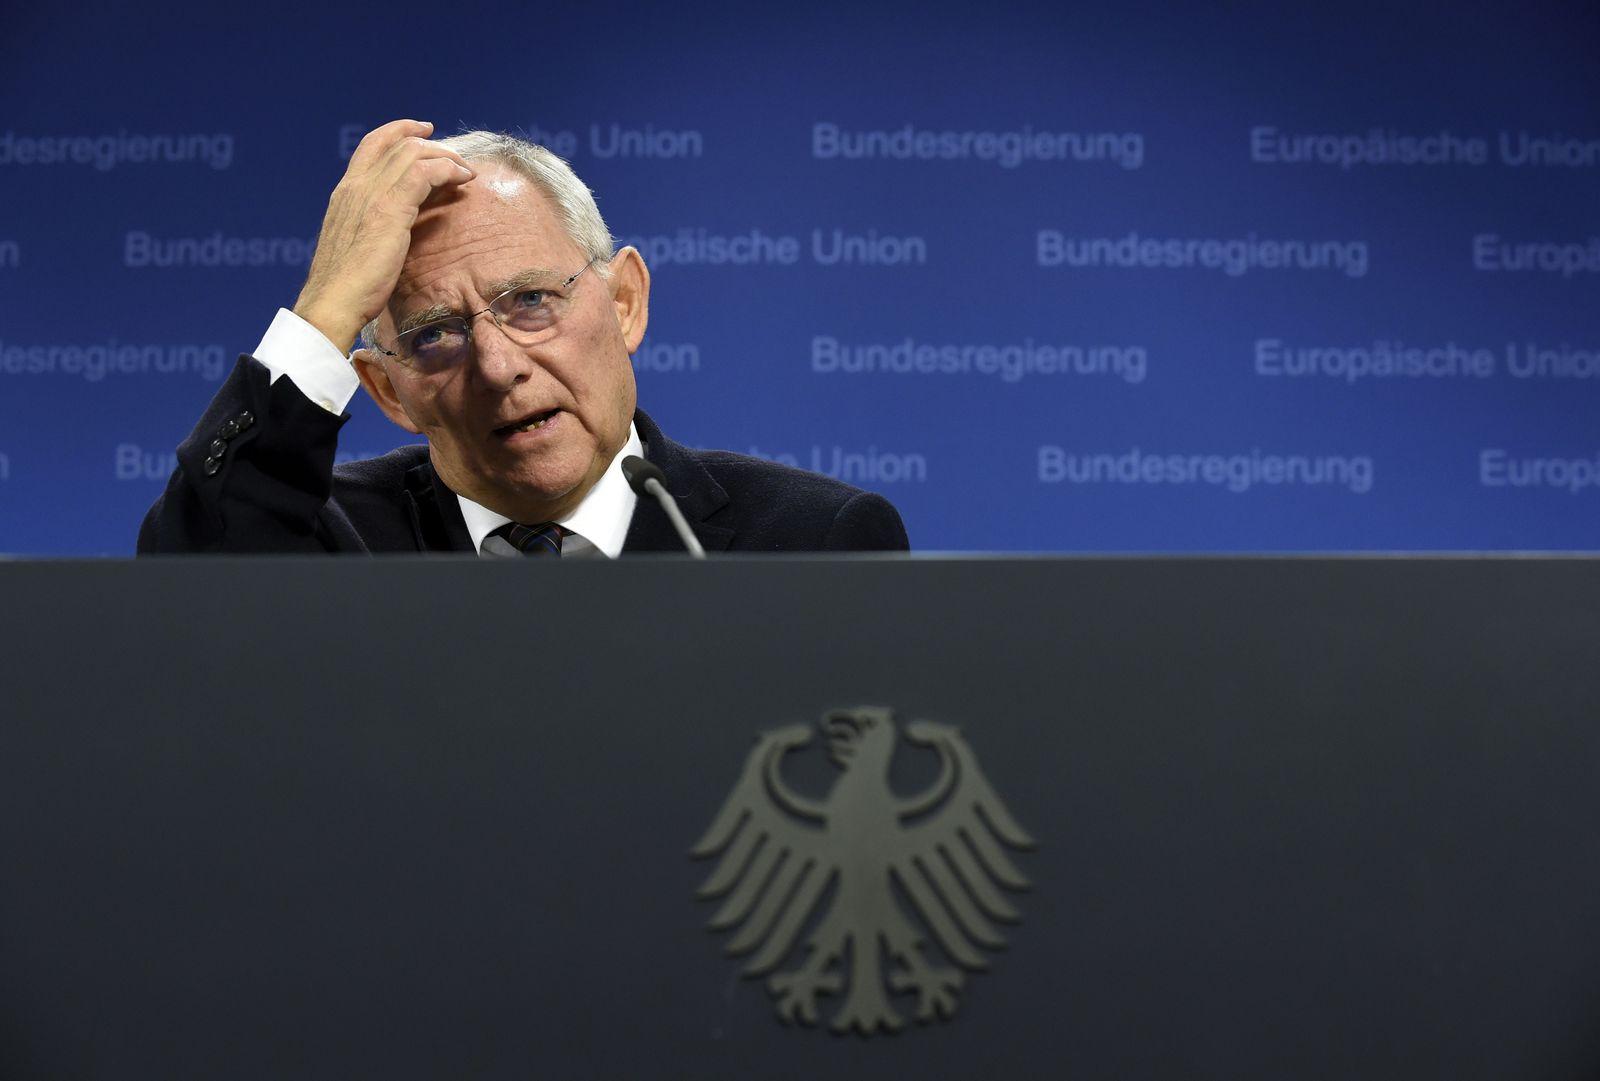 Schäuble/